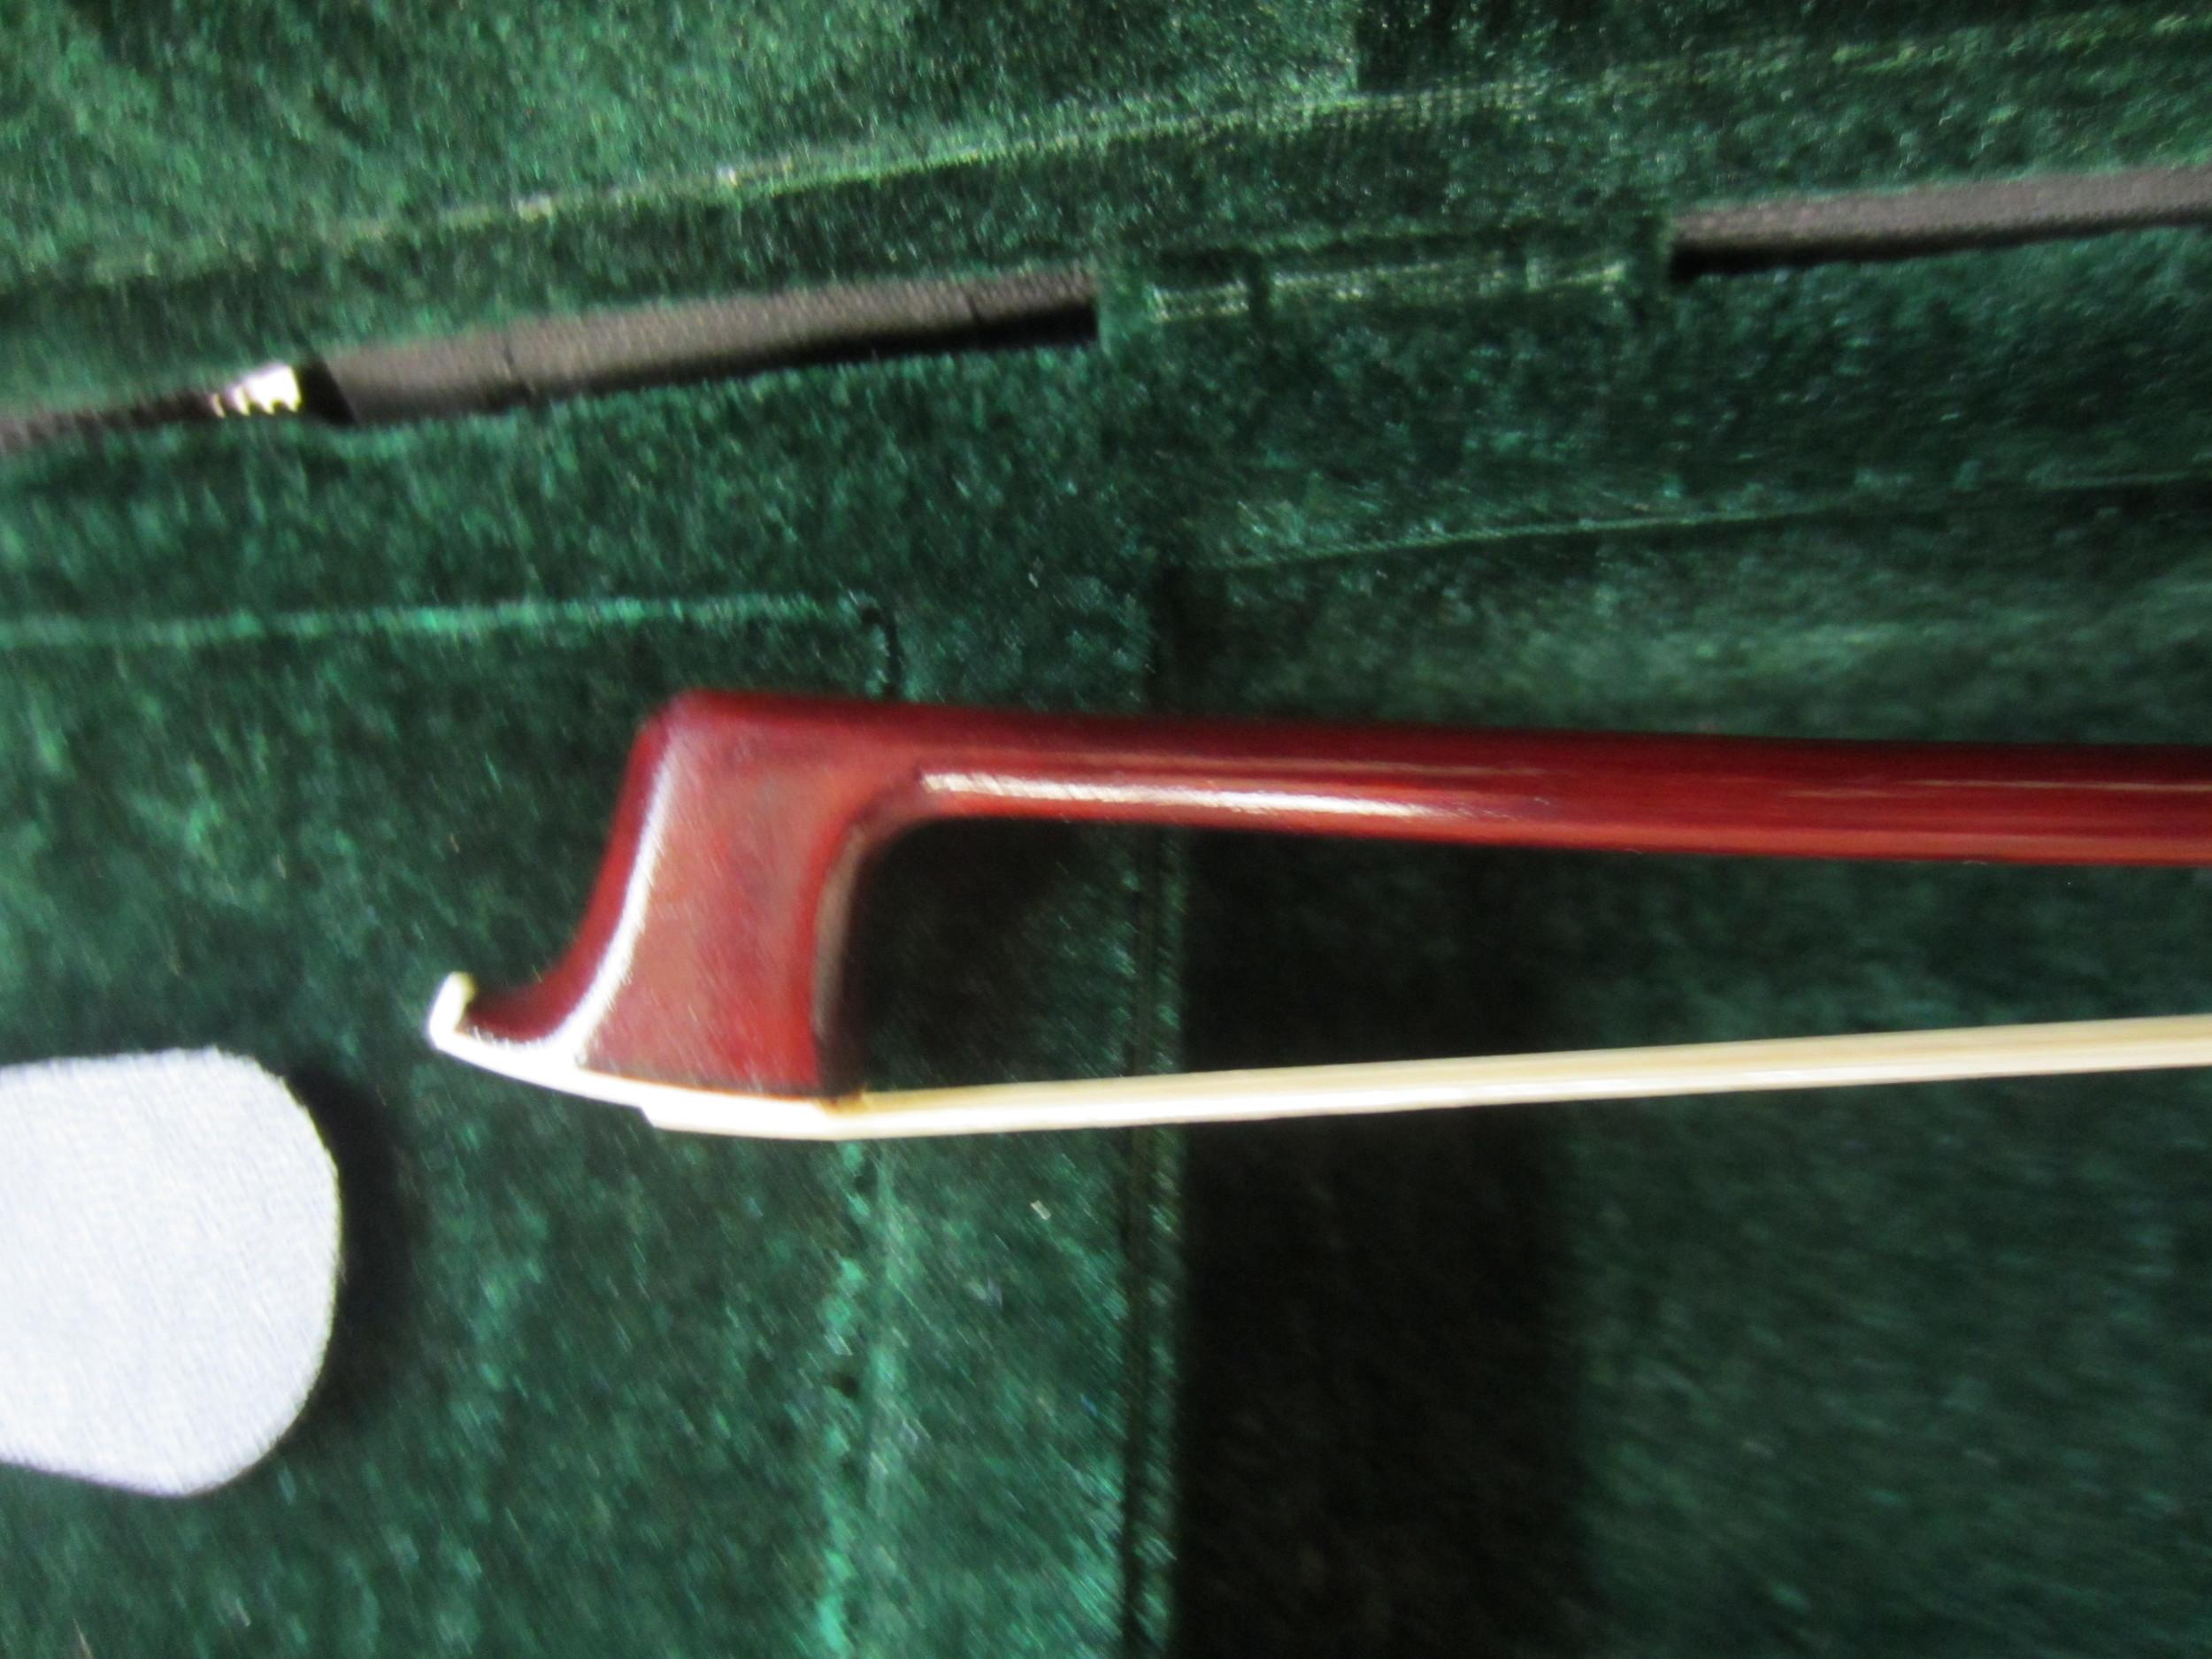 Cremona SV - 130 Violin Bow Tip